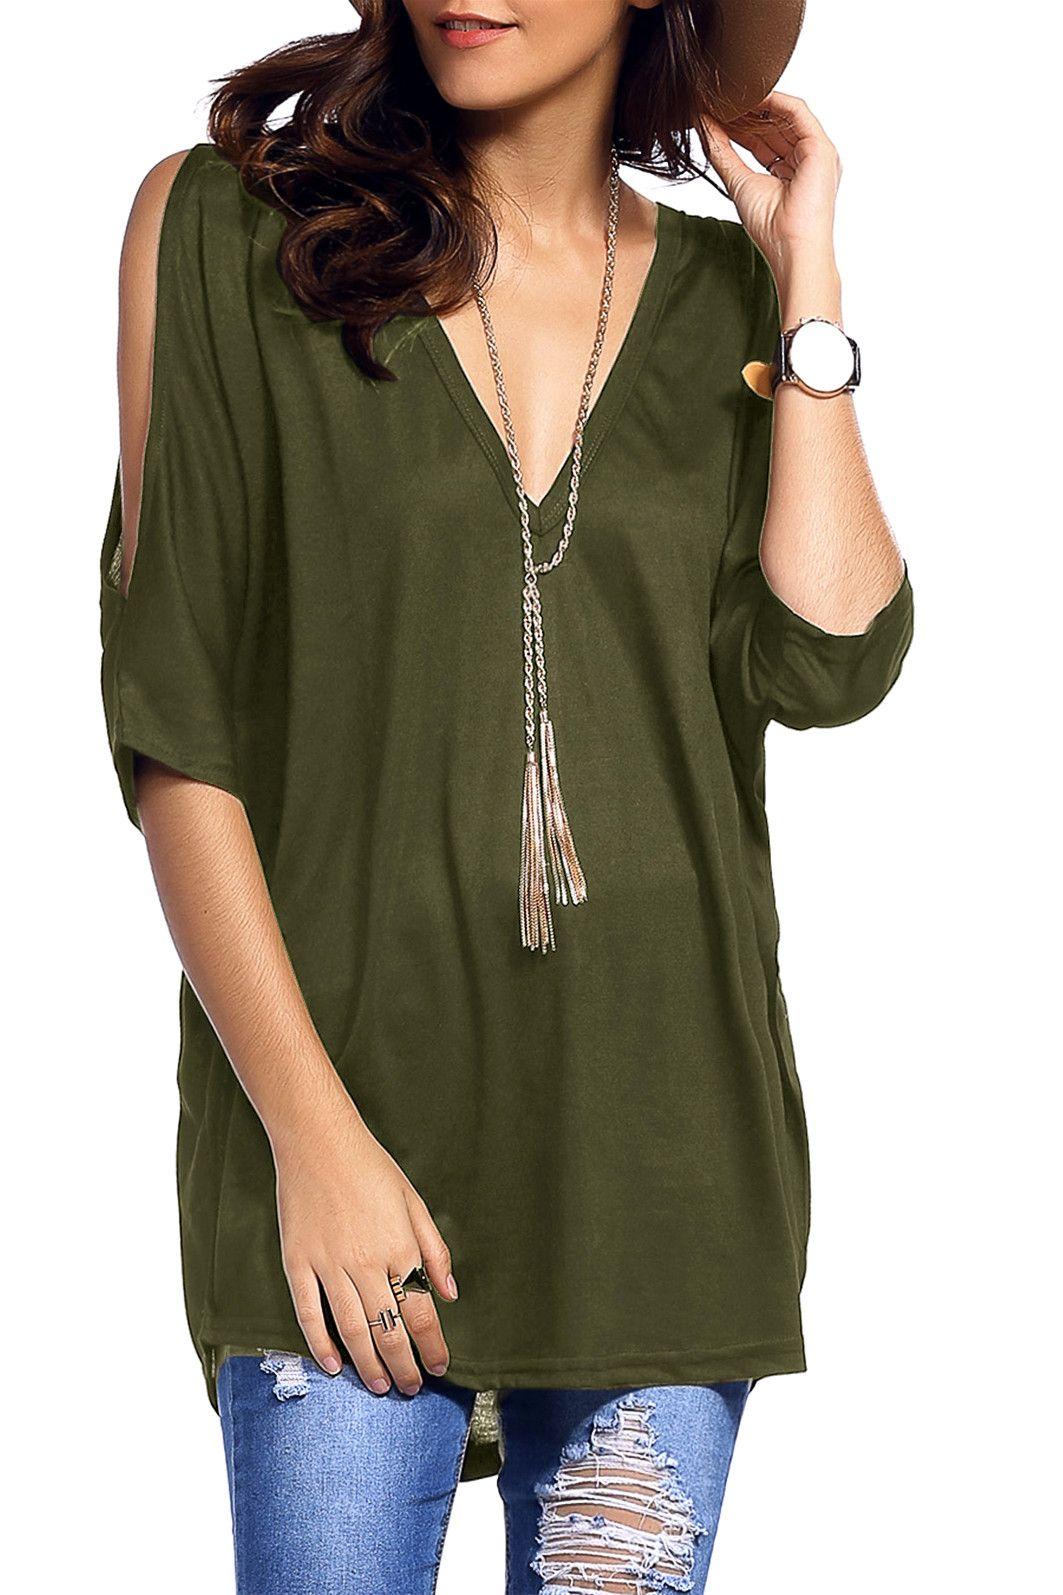 58672ecd91549  10.04 Cold Shoulder Low Cut Asymmetrical T-Shirt